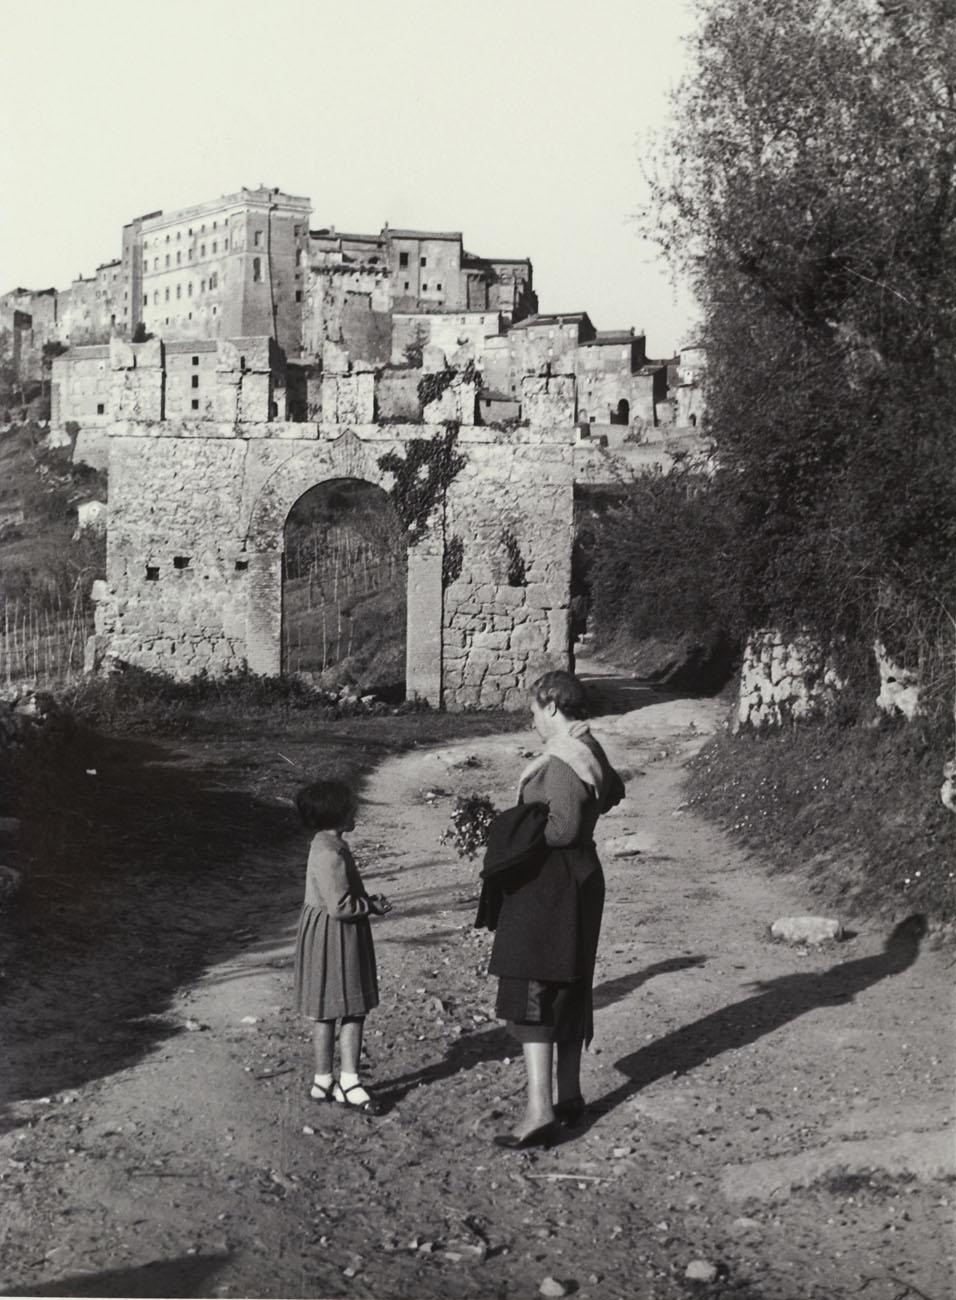 Mercoledì Fotografico –  Sguardo su Bomarzo. Viaggio nella Tuscia del secondo dopoguerra